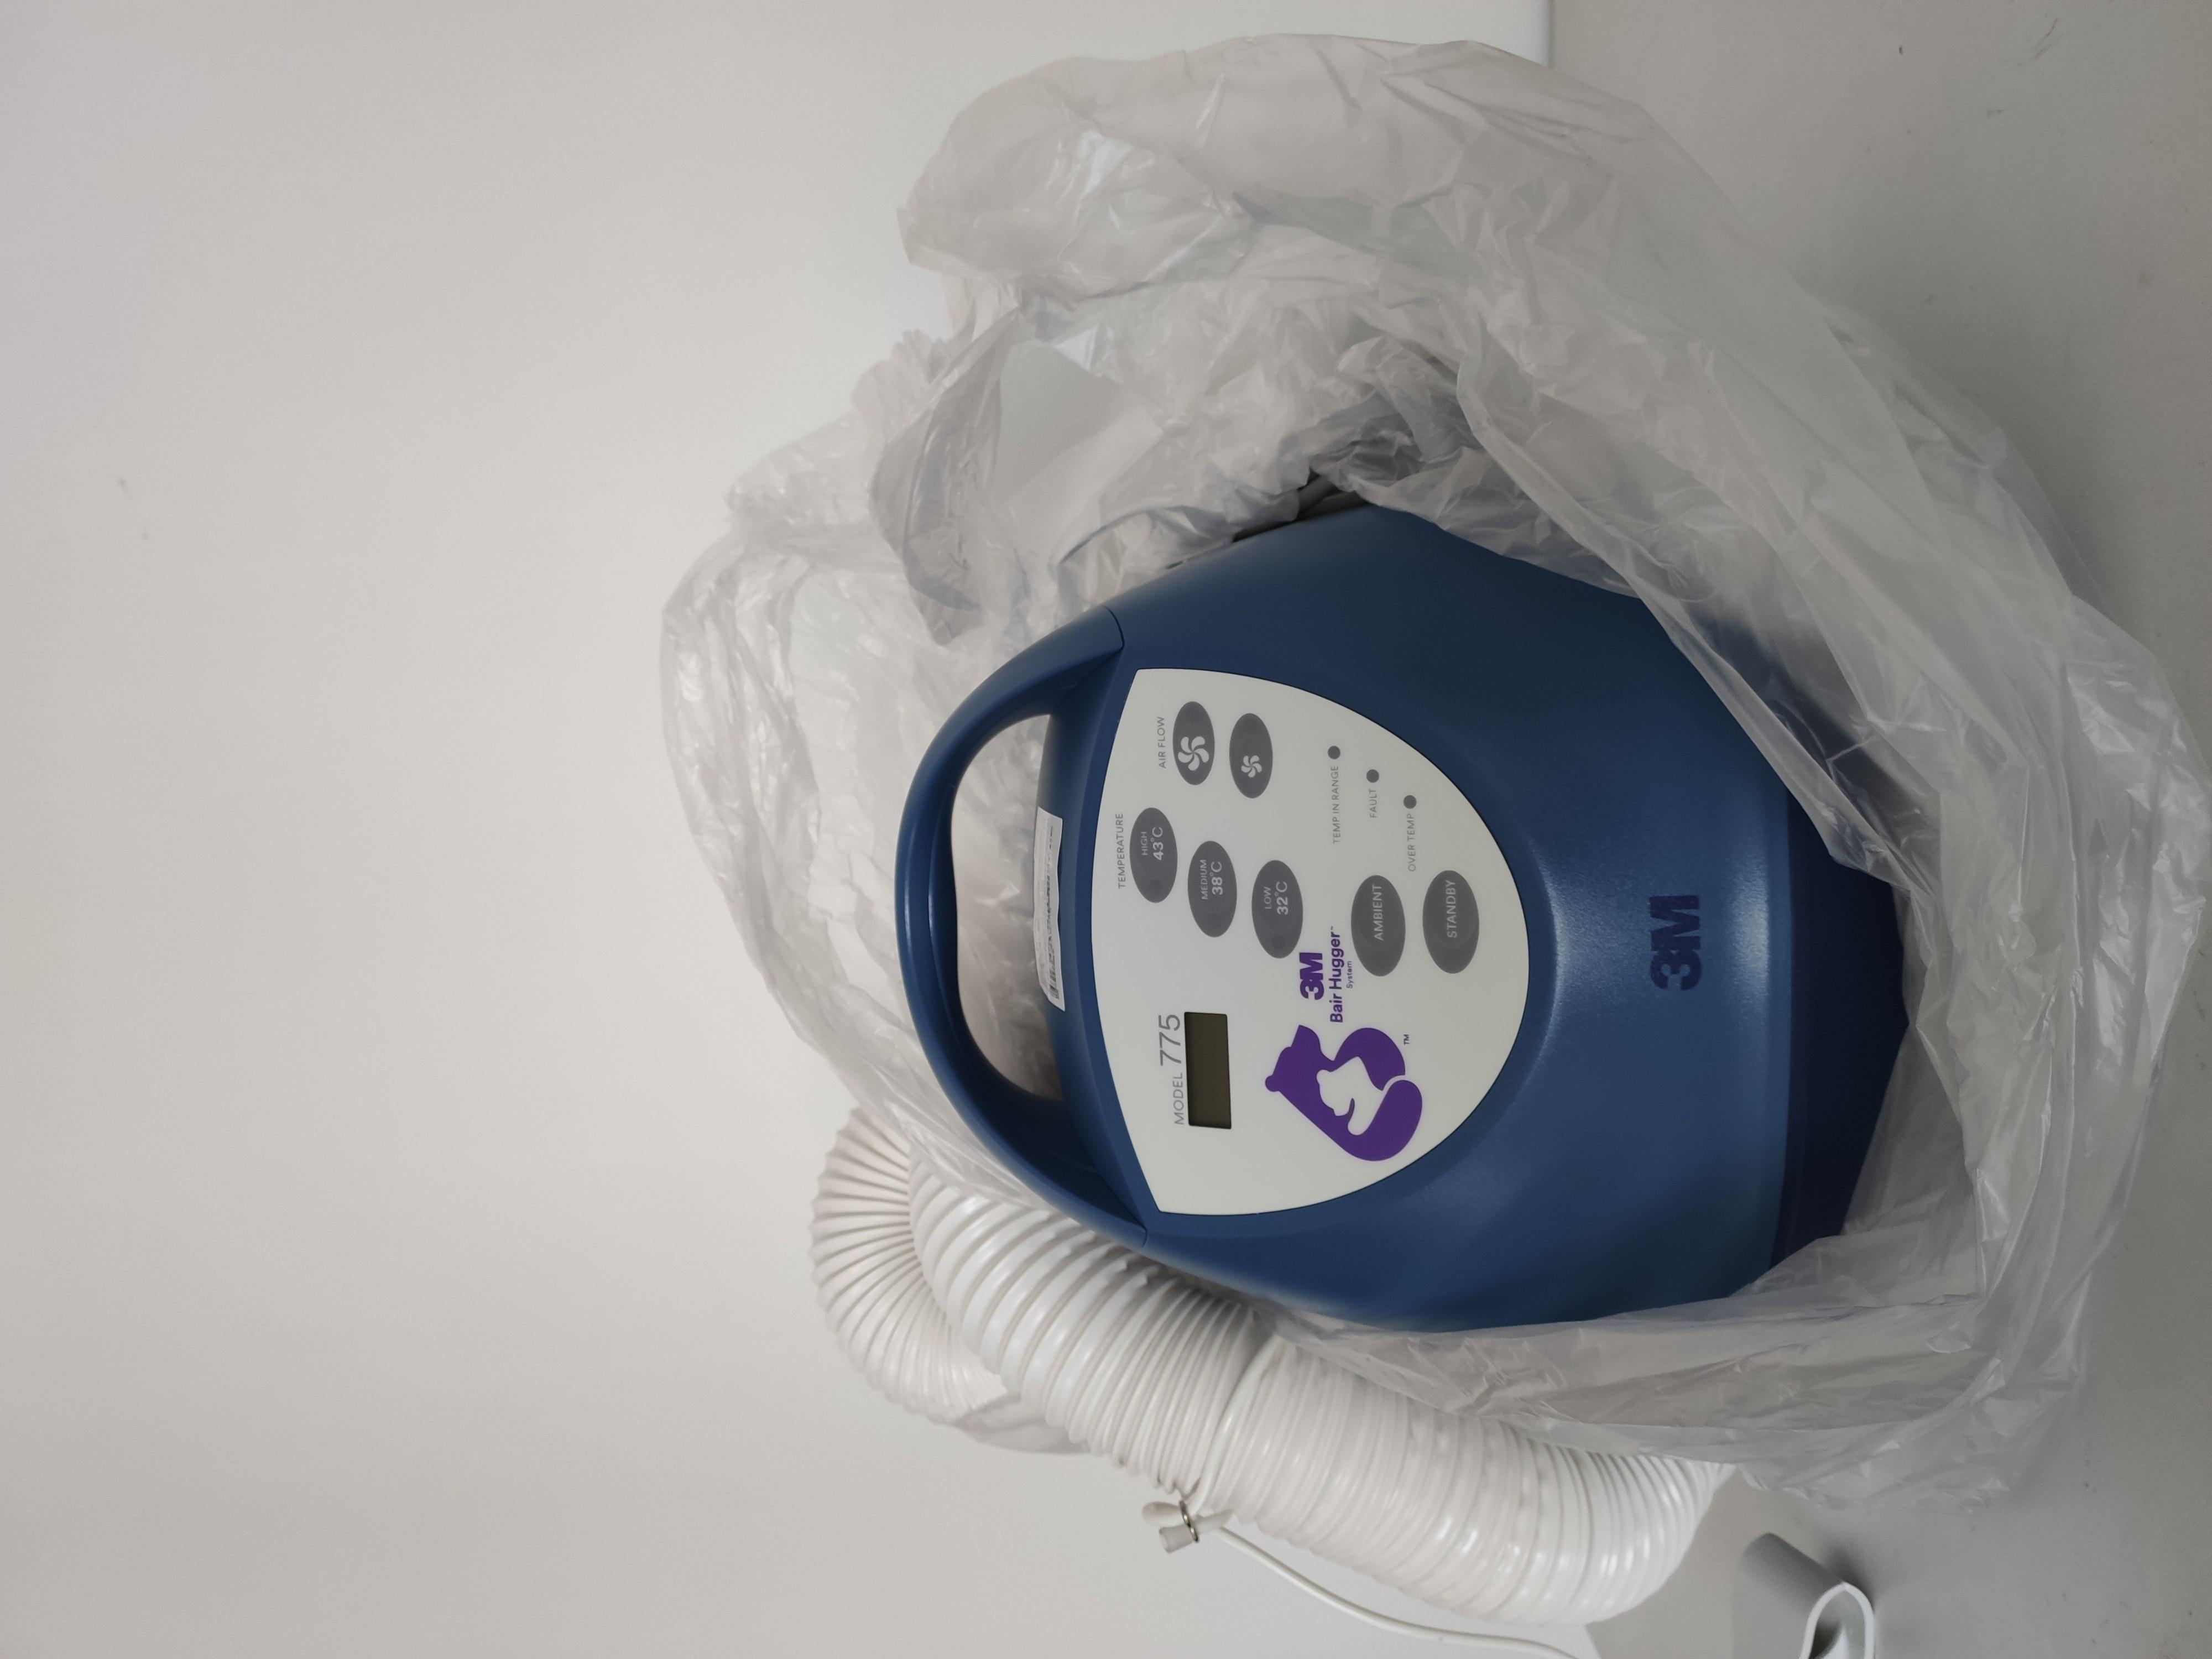 3M患者升温系统775